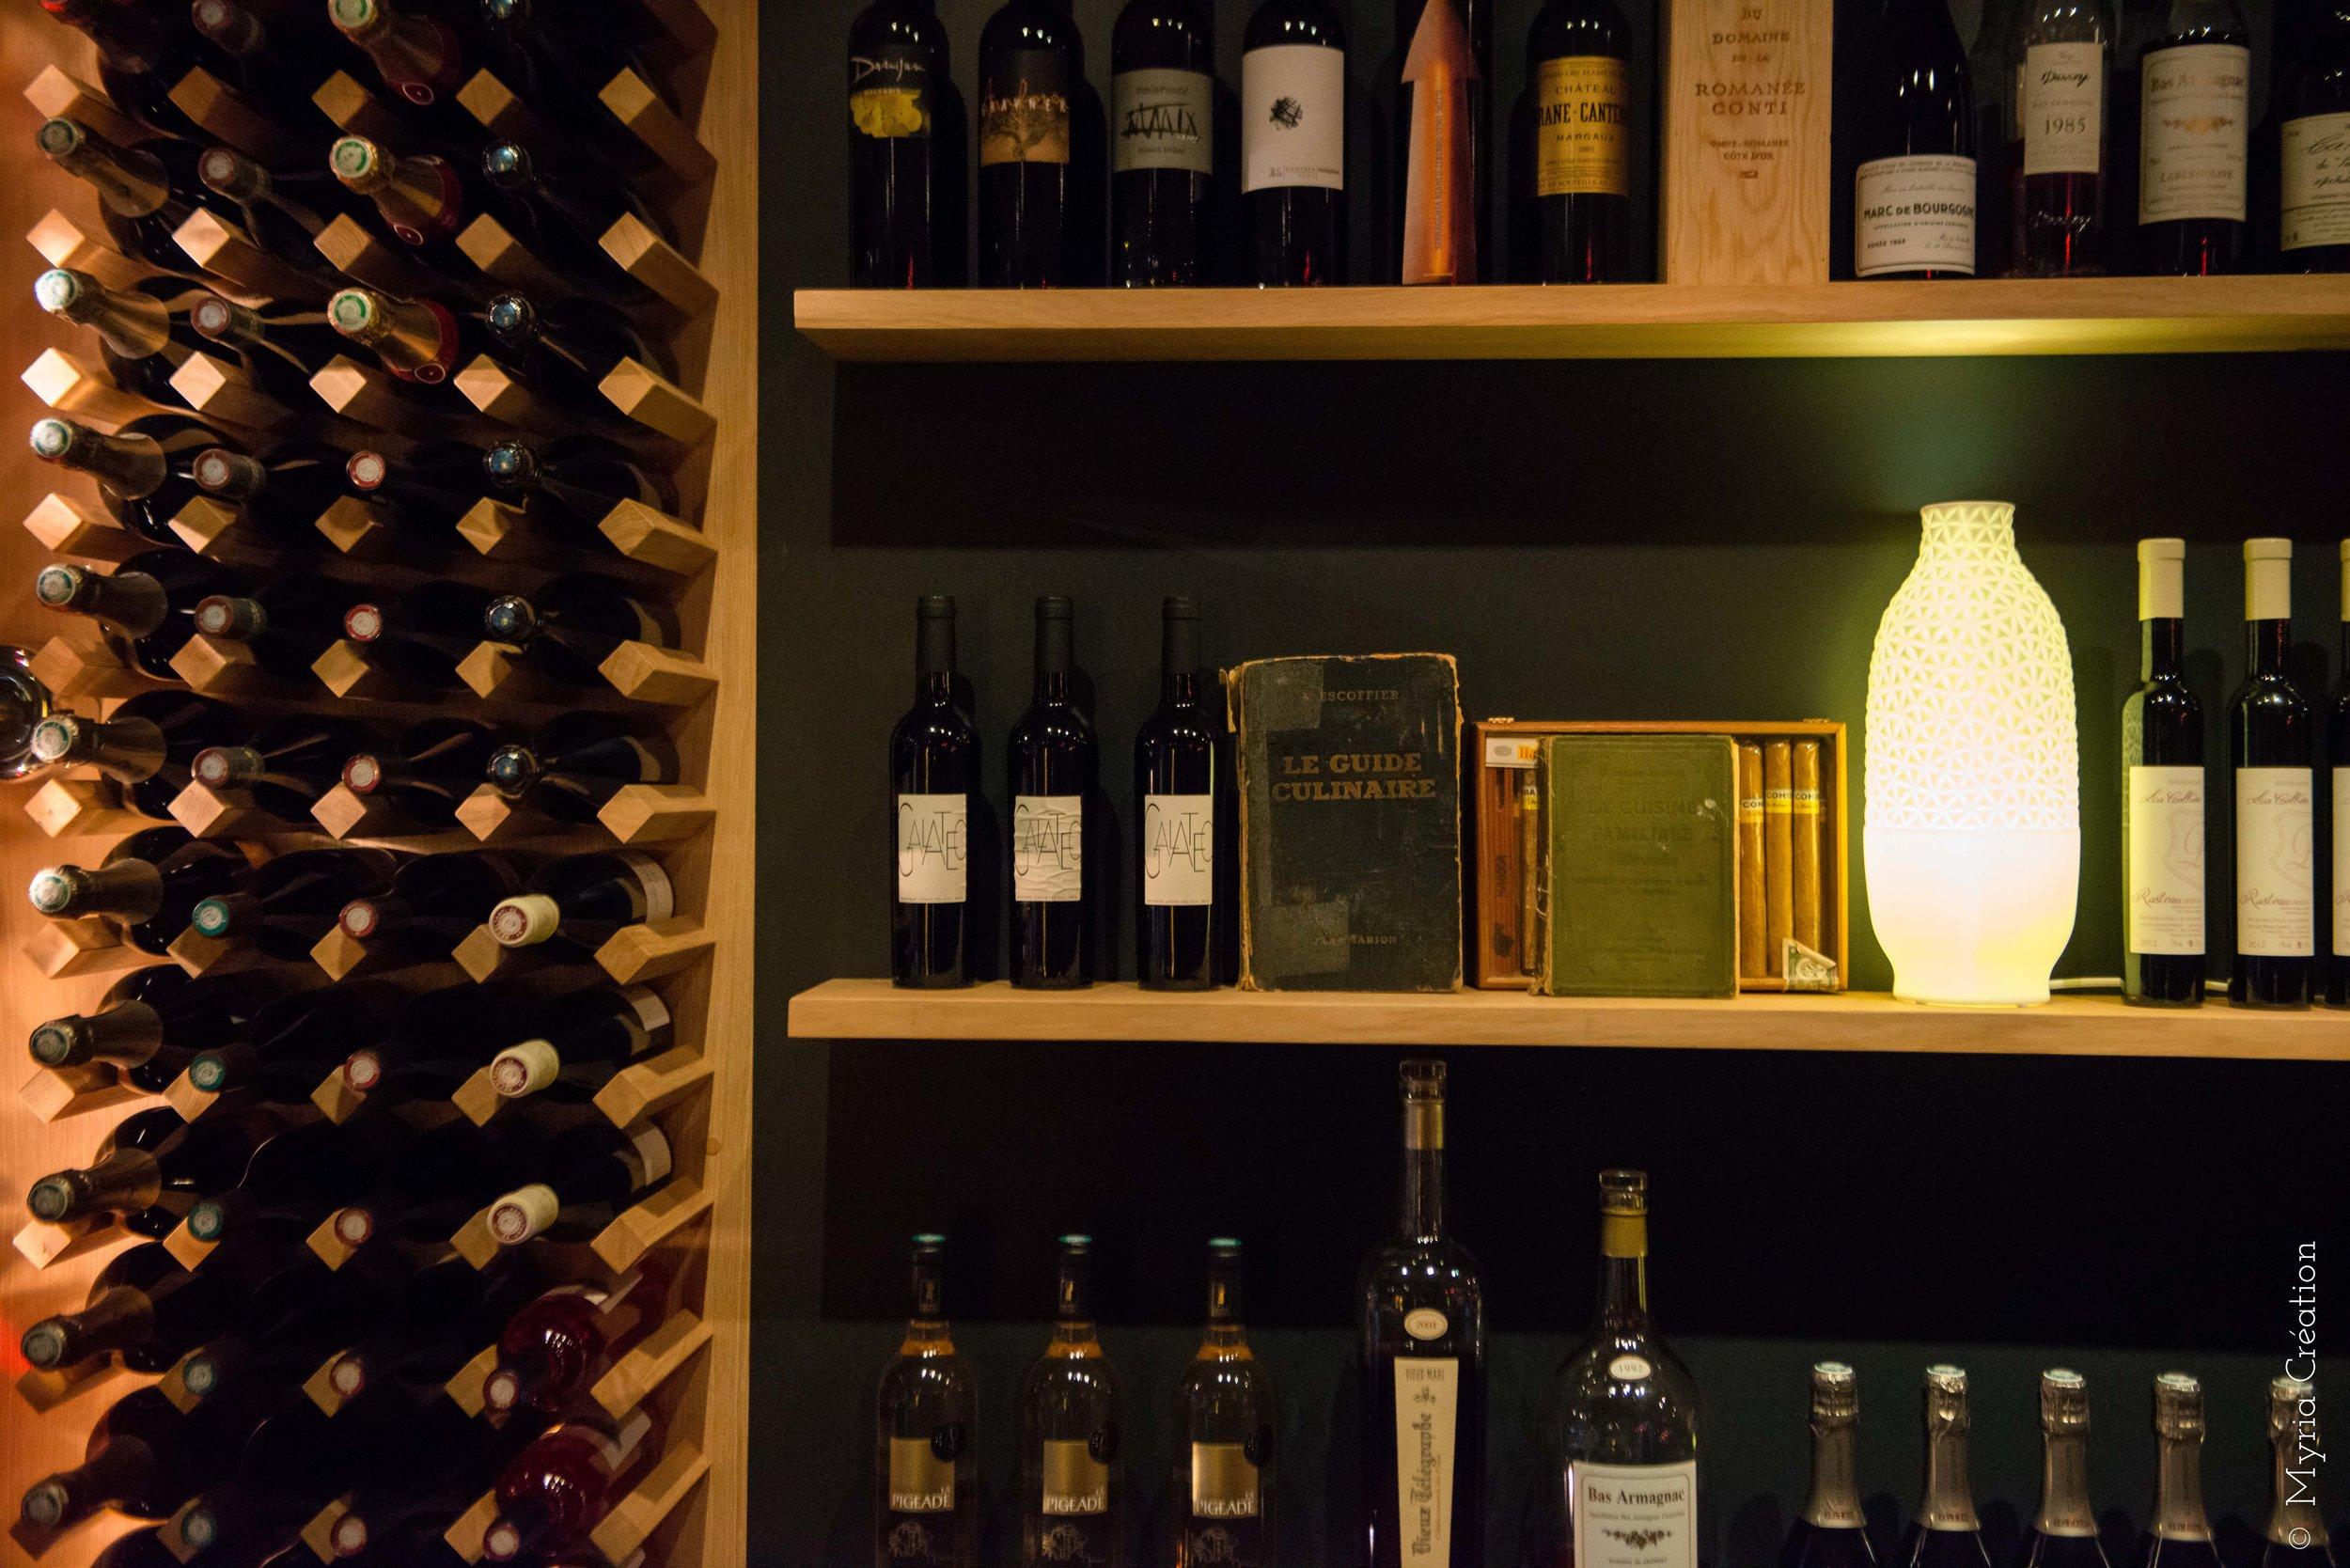 RestaurantLeVivier00046.jpg